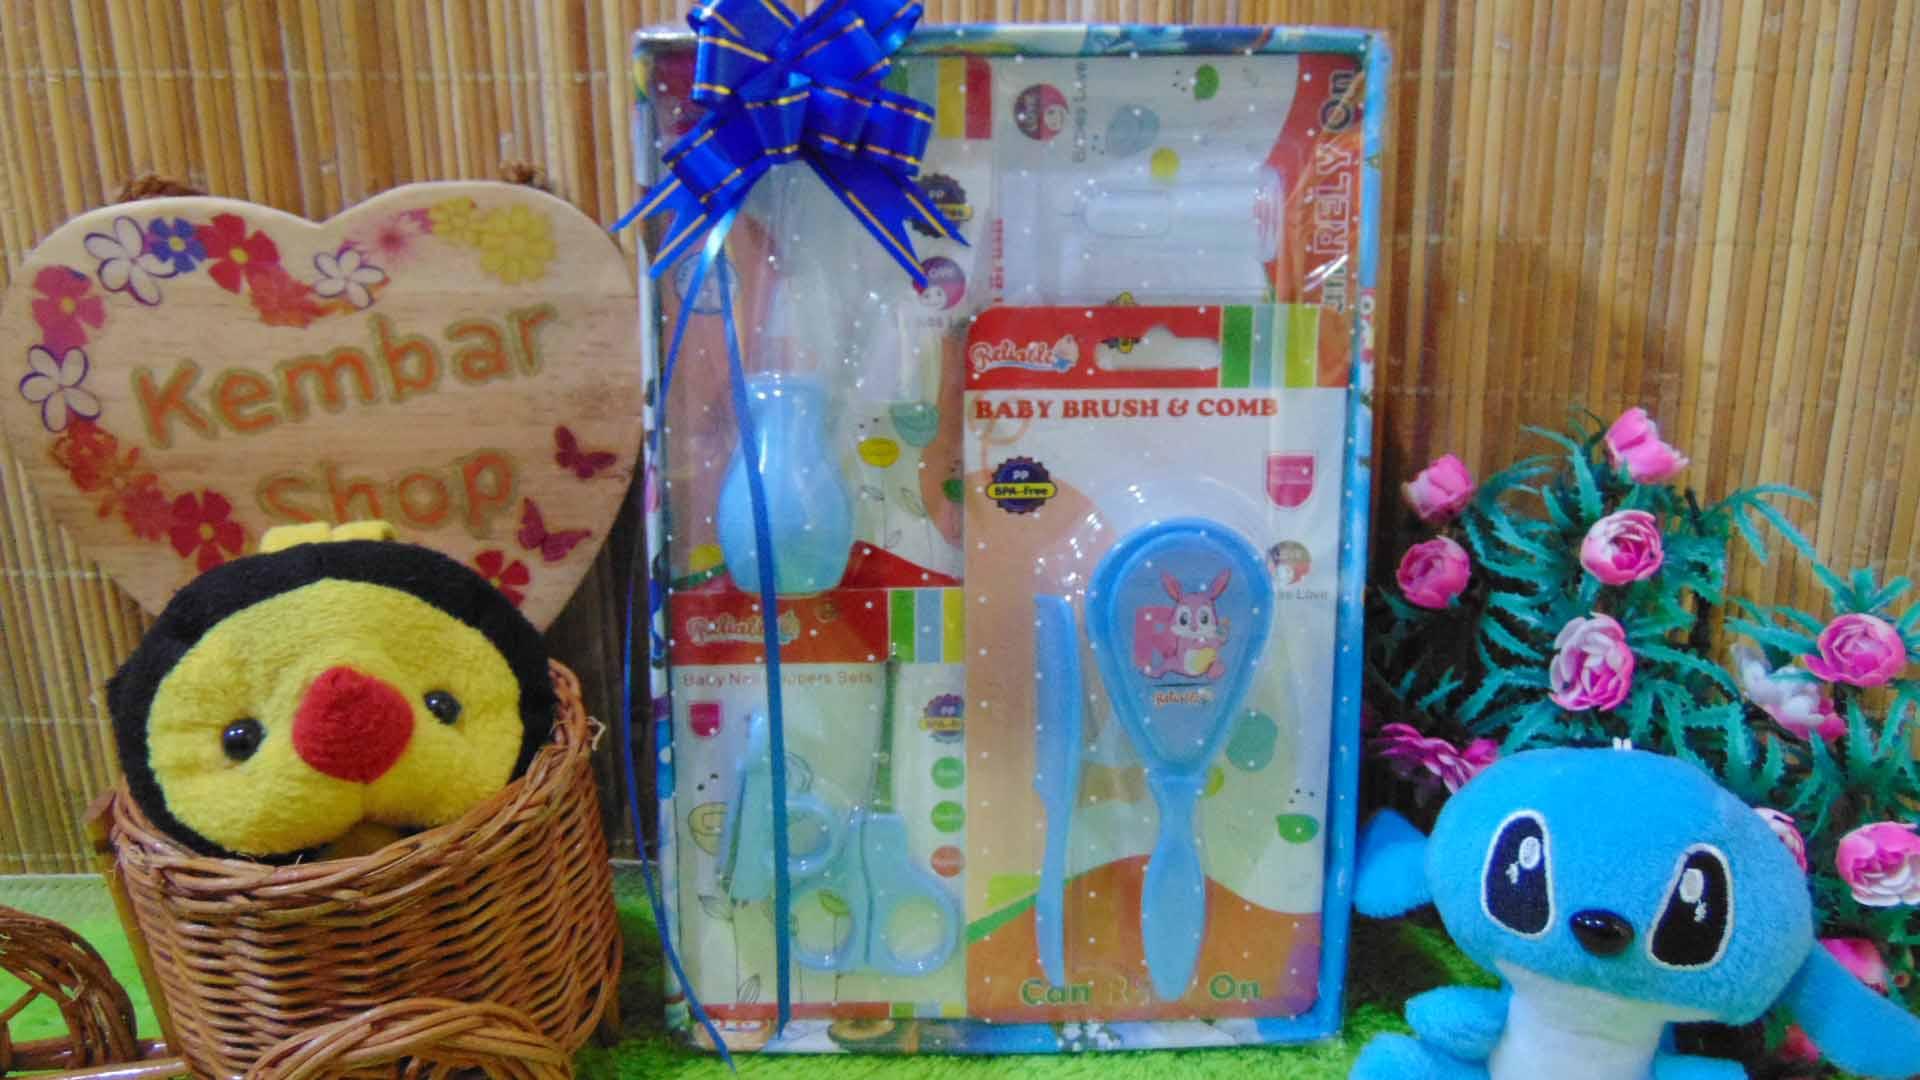 FREE KARTU UCAPAN Kado Lahiran Paket Kado Bayi Newborn Baby Gift Box Full Package Perawatan bayi